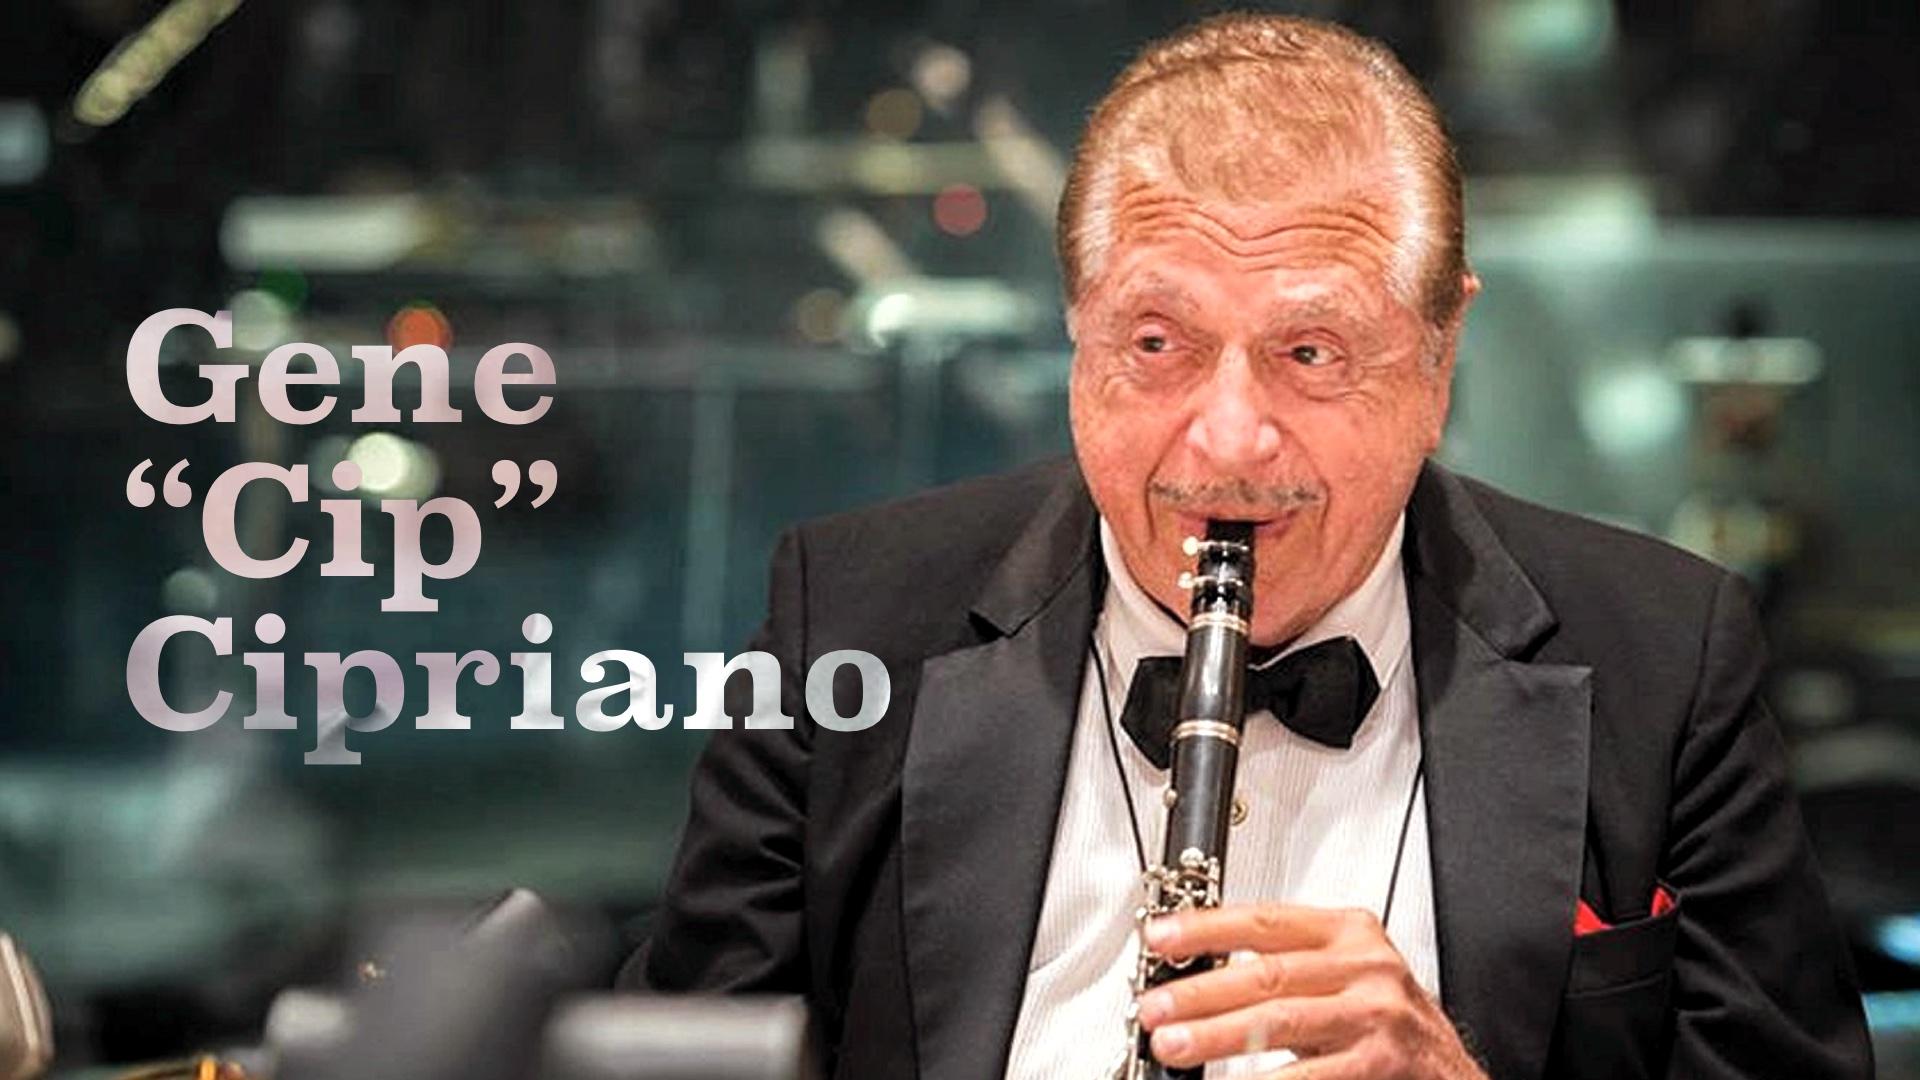 Gene Cipriano